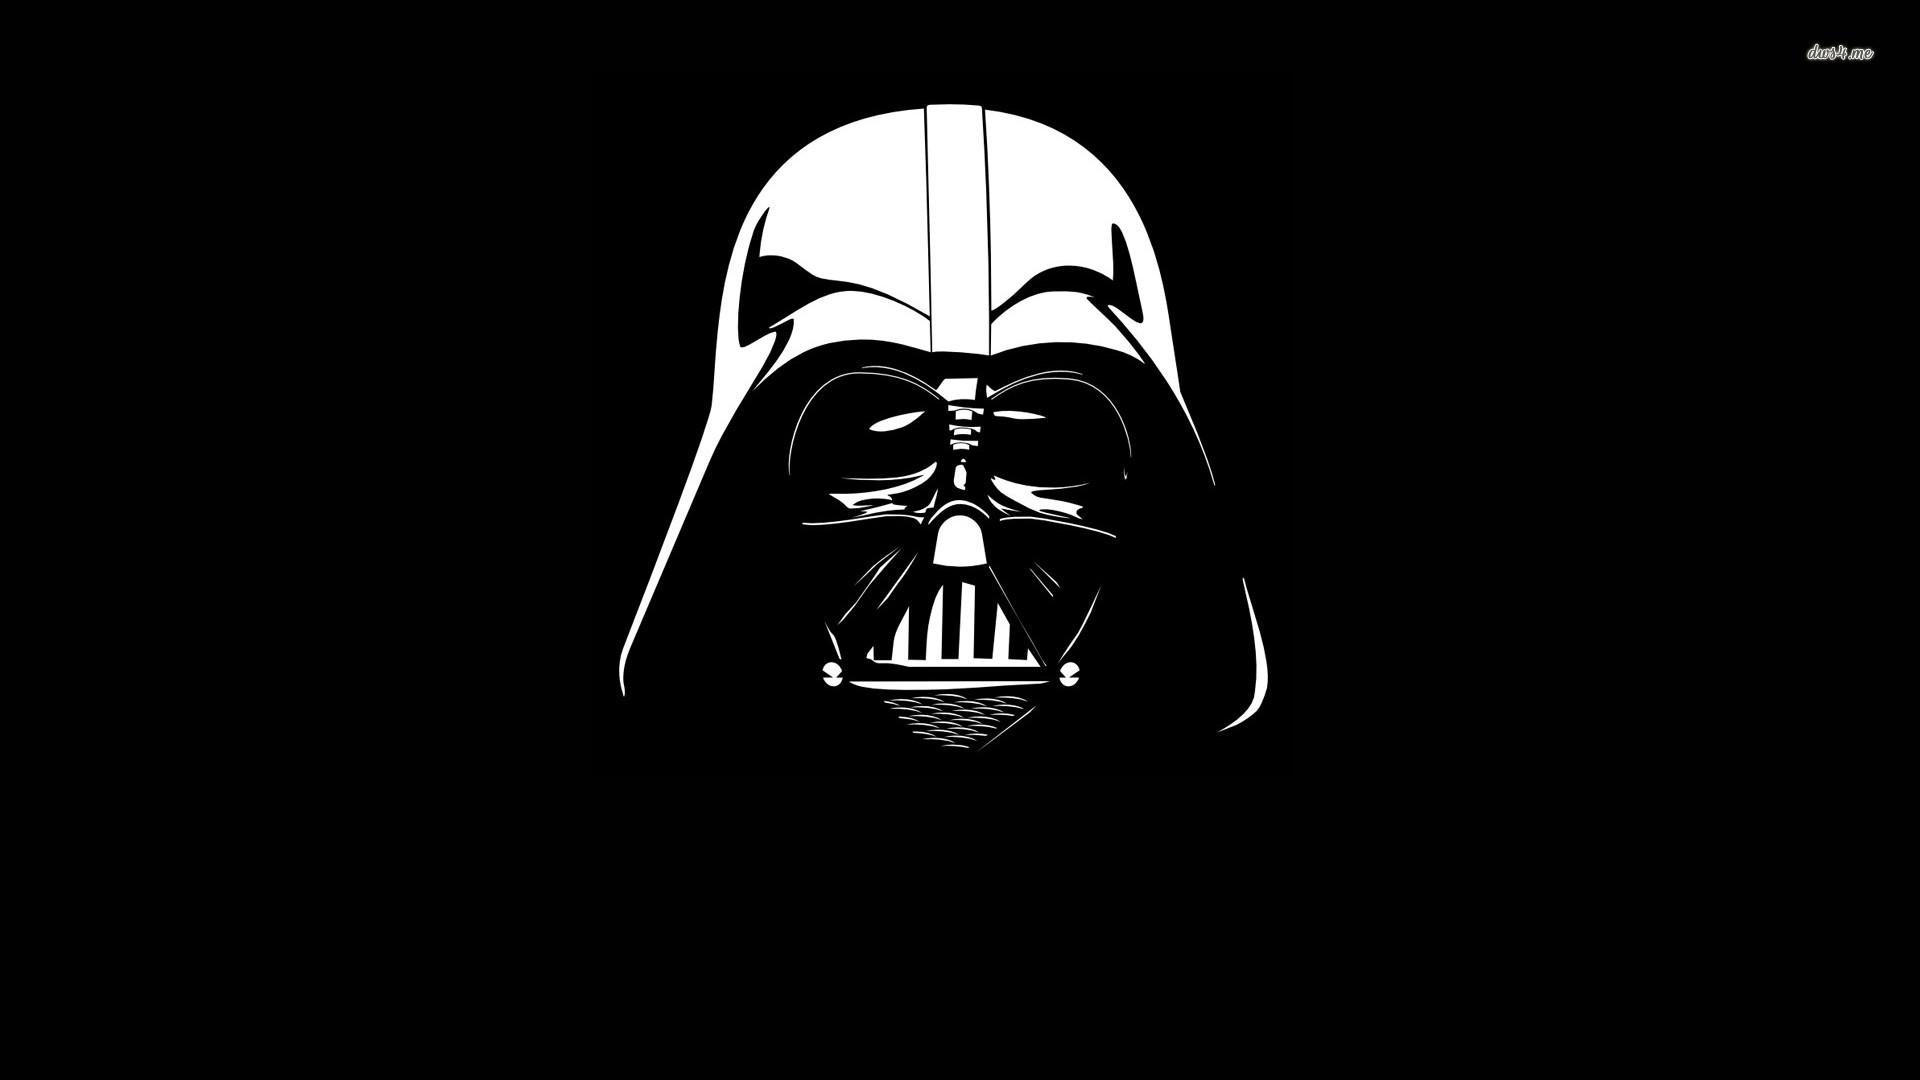 Darth Vader Fondo Pantalla NegroDarth Vader Face Vector